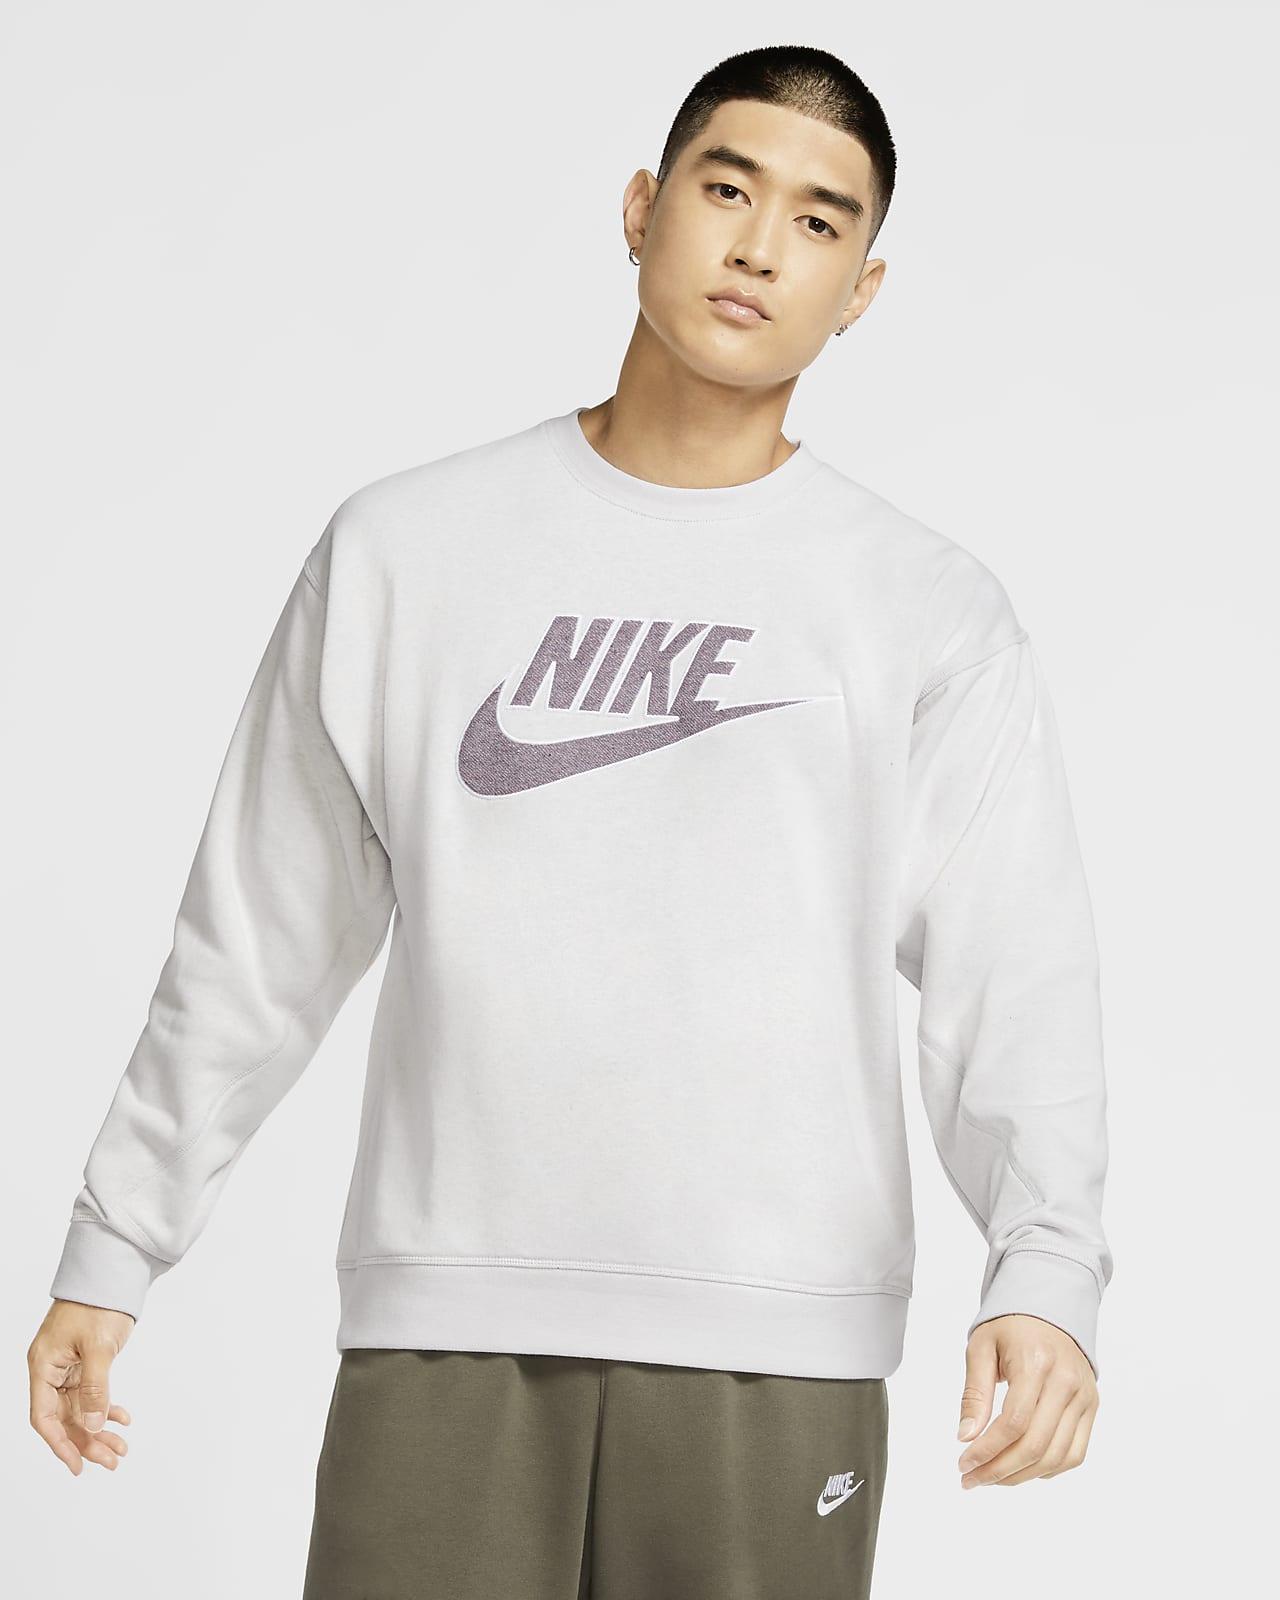 เสื้อคอกลมผู้ชาย Nike Sportswear